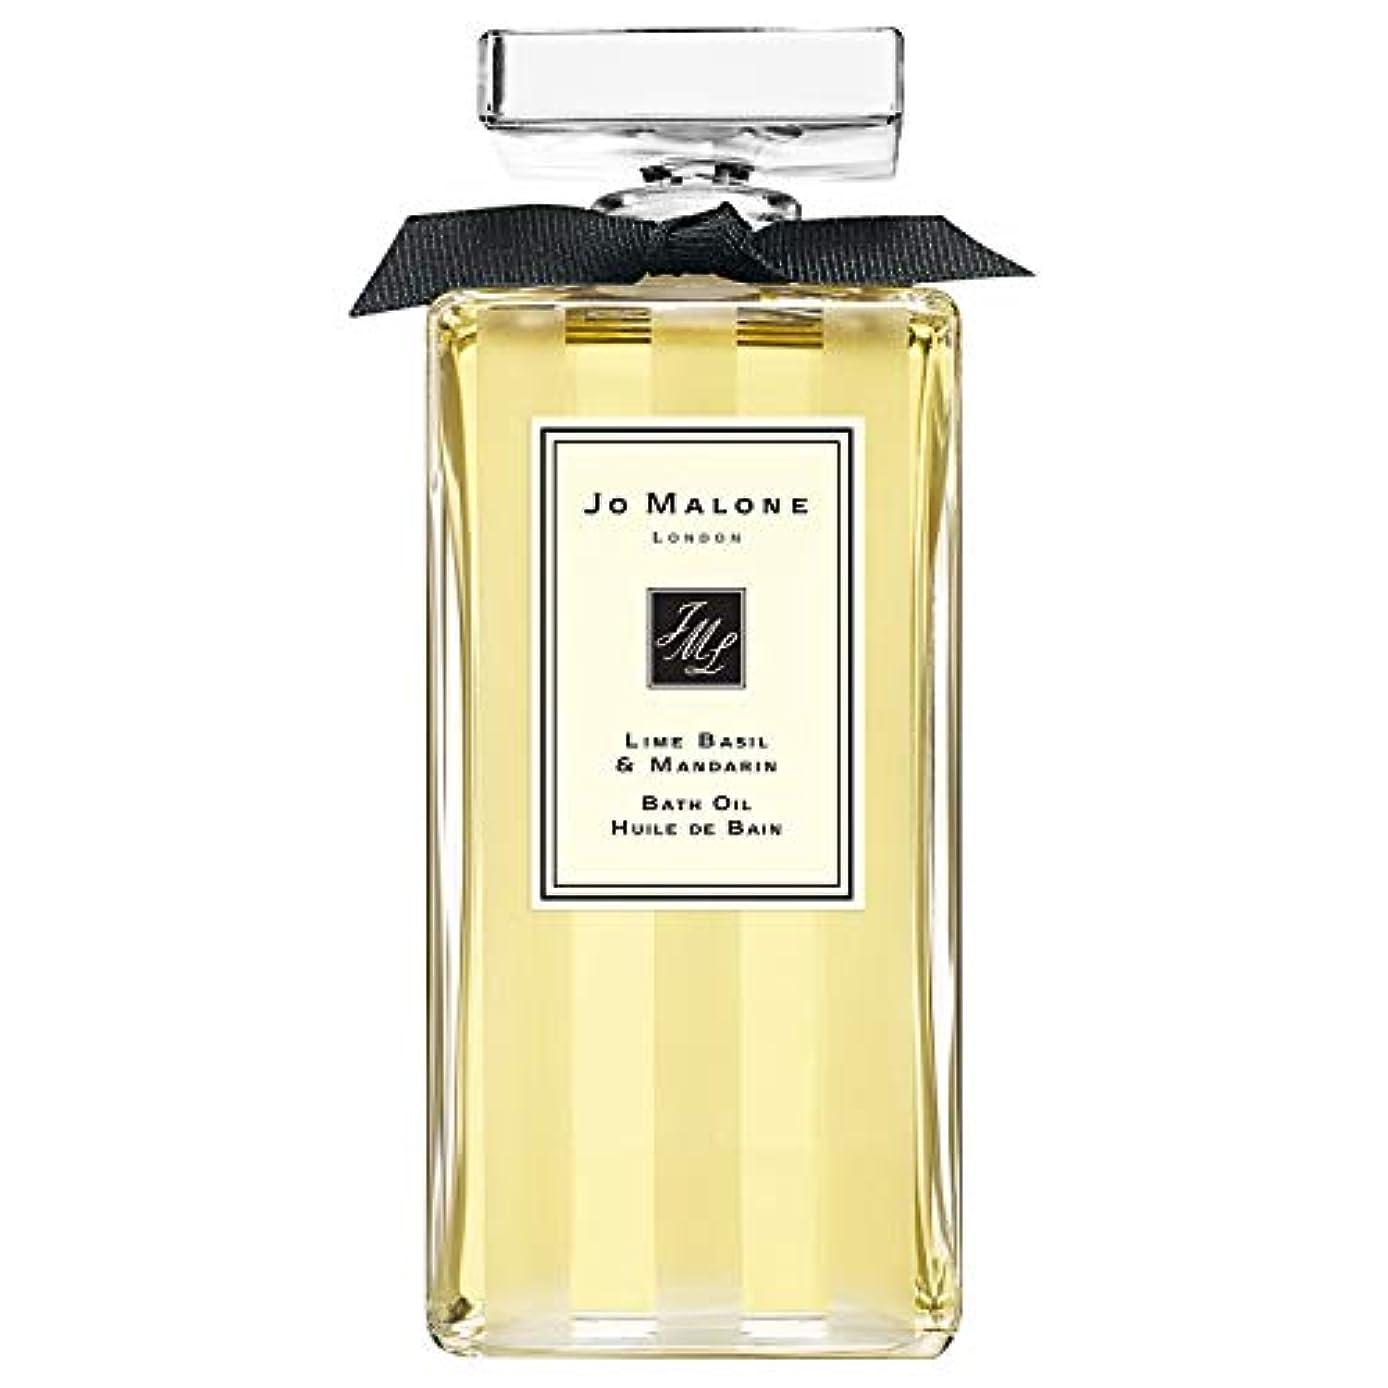 チャンスナサニエル区前提[Jo Malone] ジョーマローンロンドンライムバジル&マンダリンバスオイル200ミリリットル - Jo Malone London Lime Basil & Mandarin Bath Oil 200ml [並行輸入品]